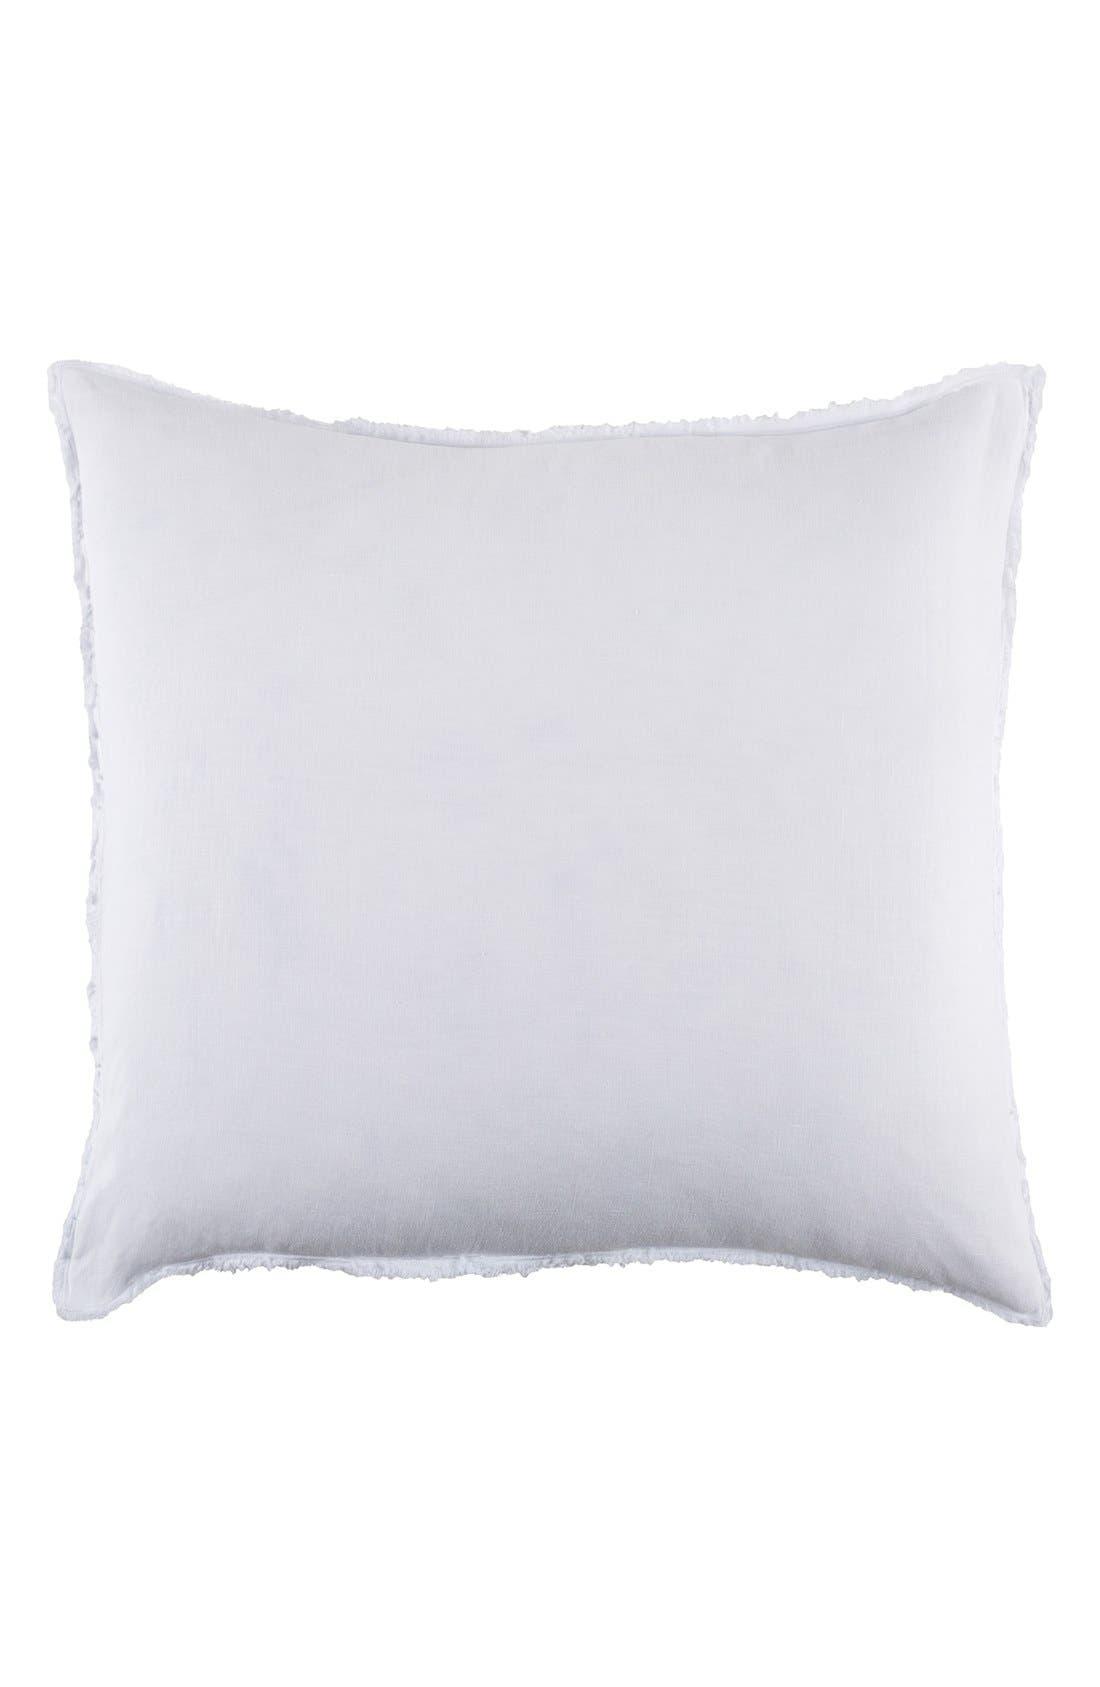 POM POM AT HOME 'Blair' Linen Euro Pillow